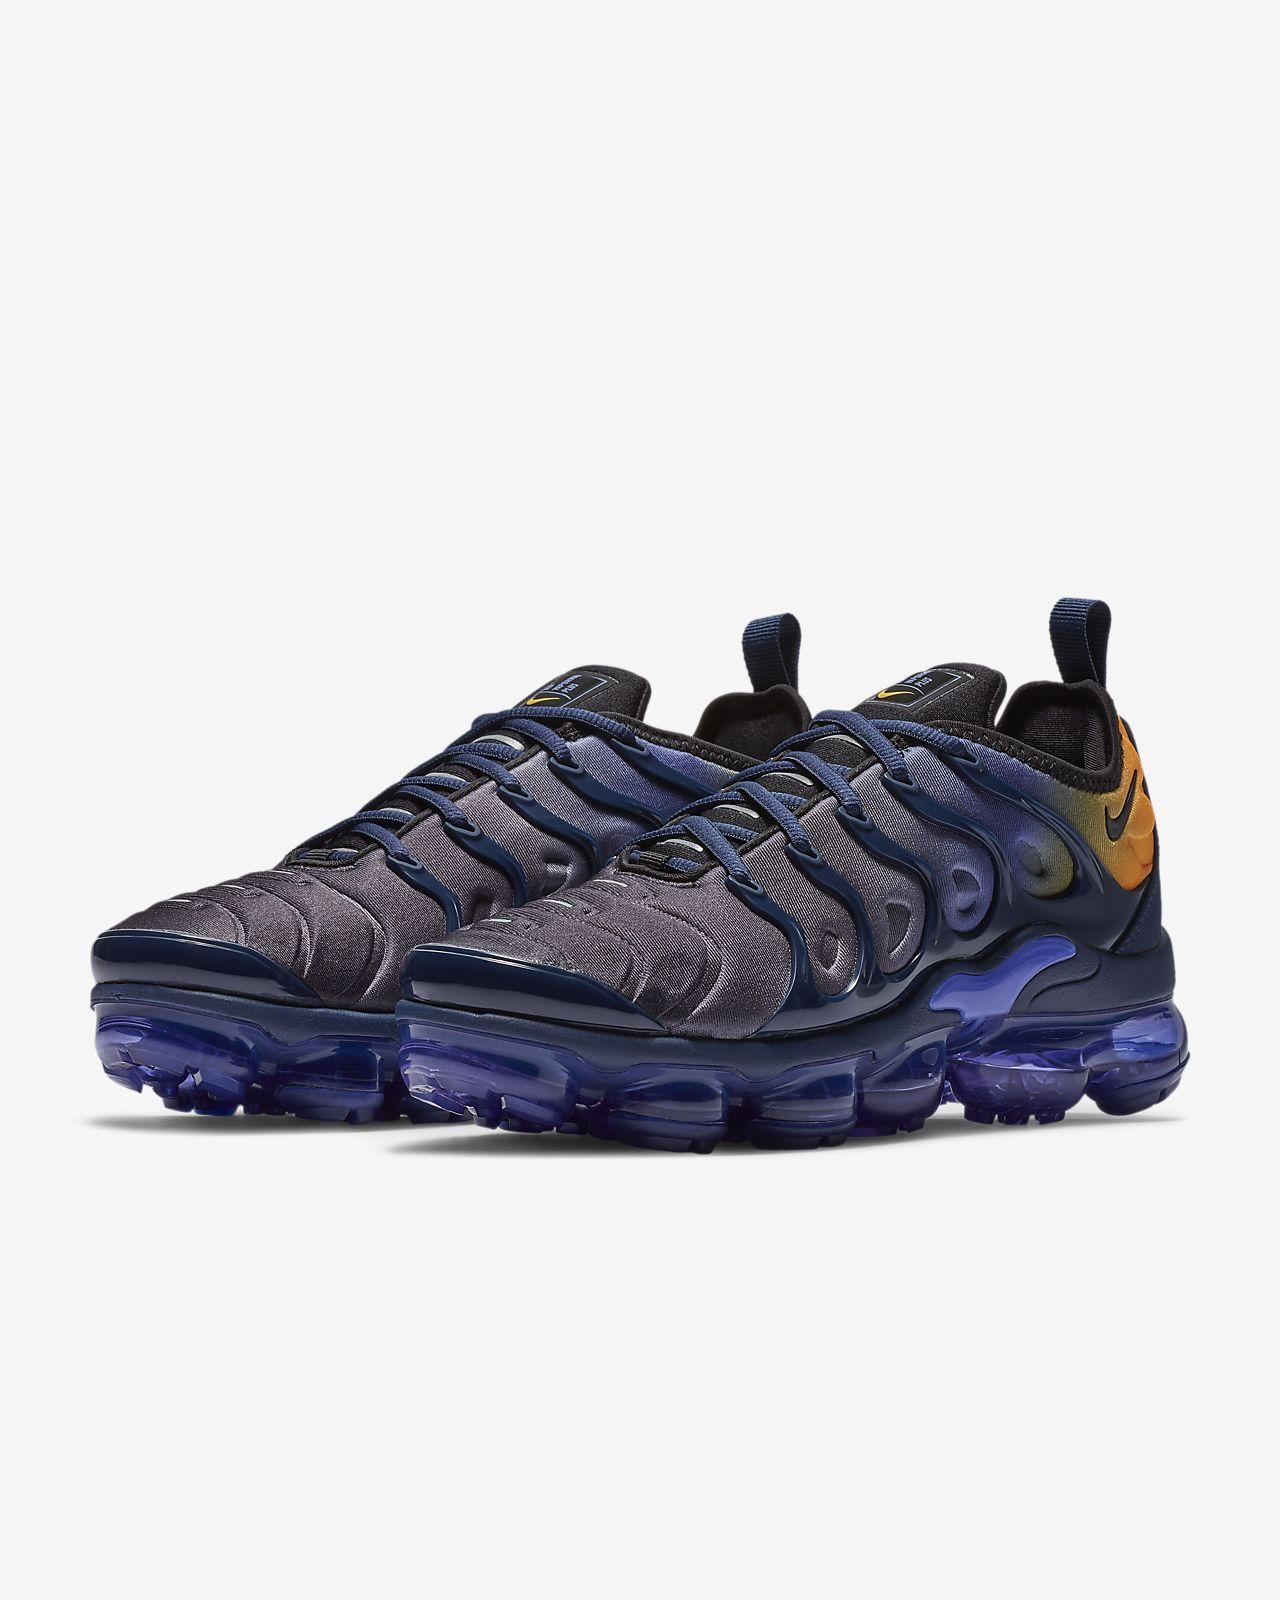 sneakers for cheap 509a6 e9fb6 ... Nike Air VaporMax Plus Women s Shoe